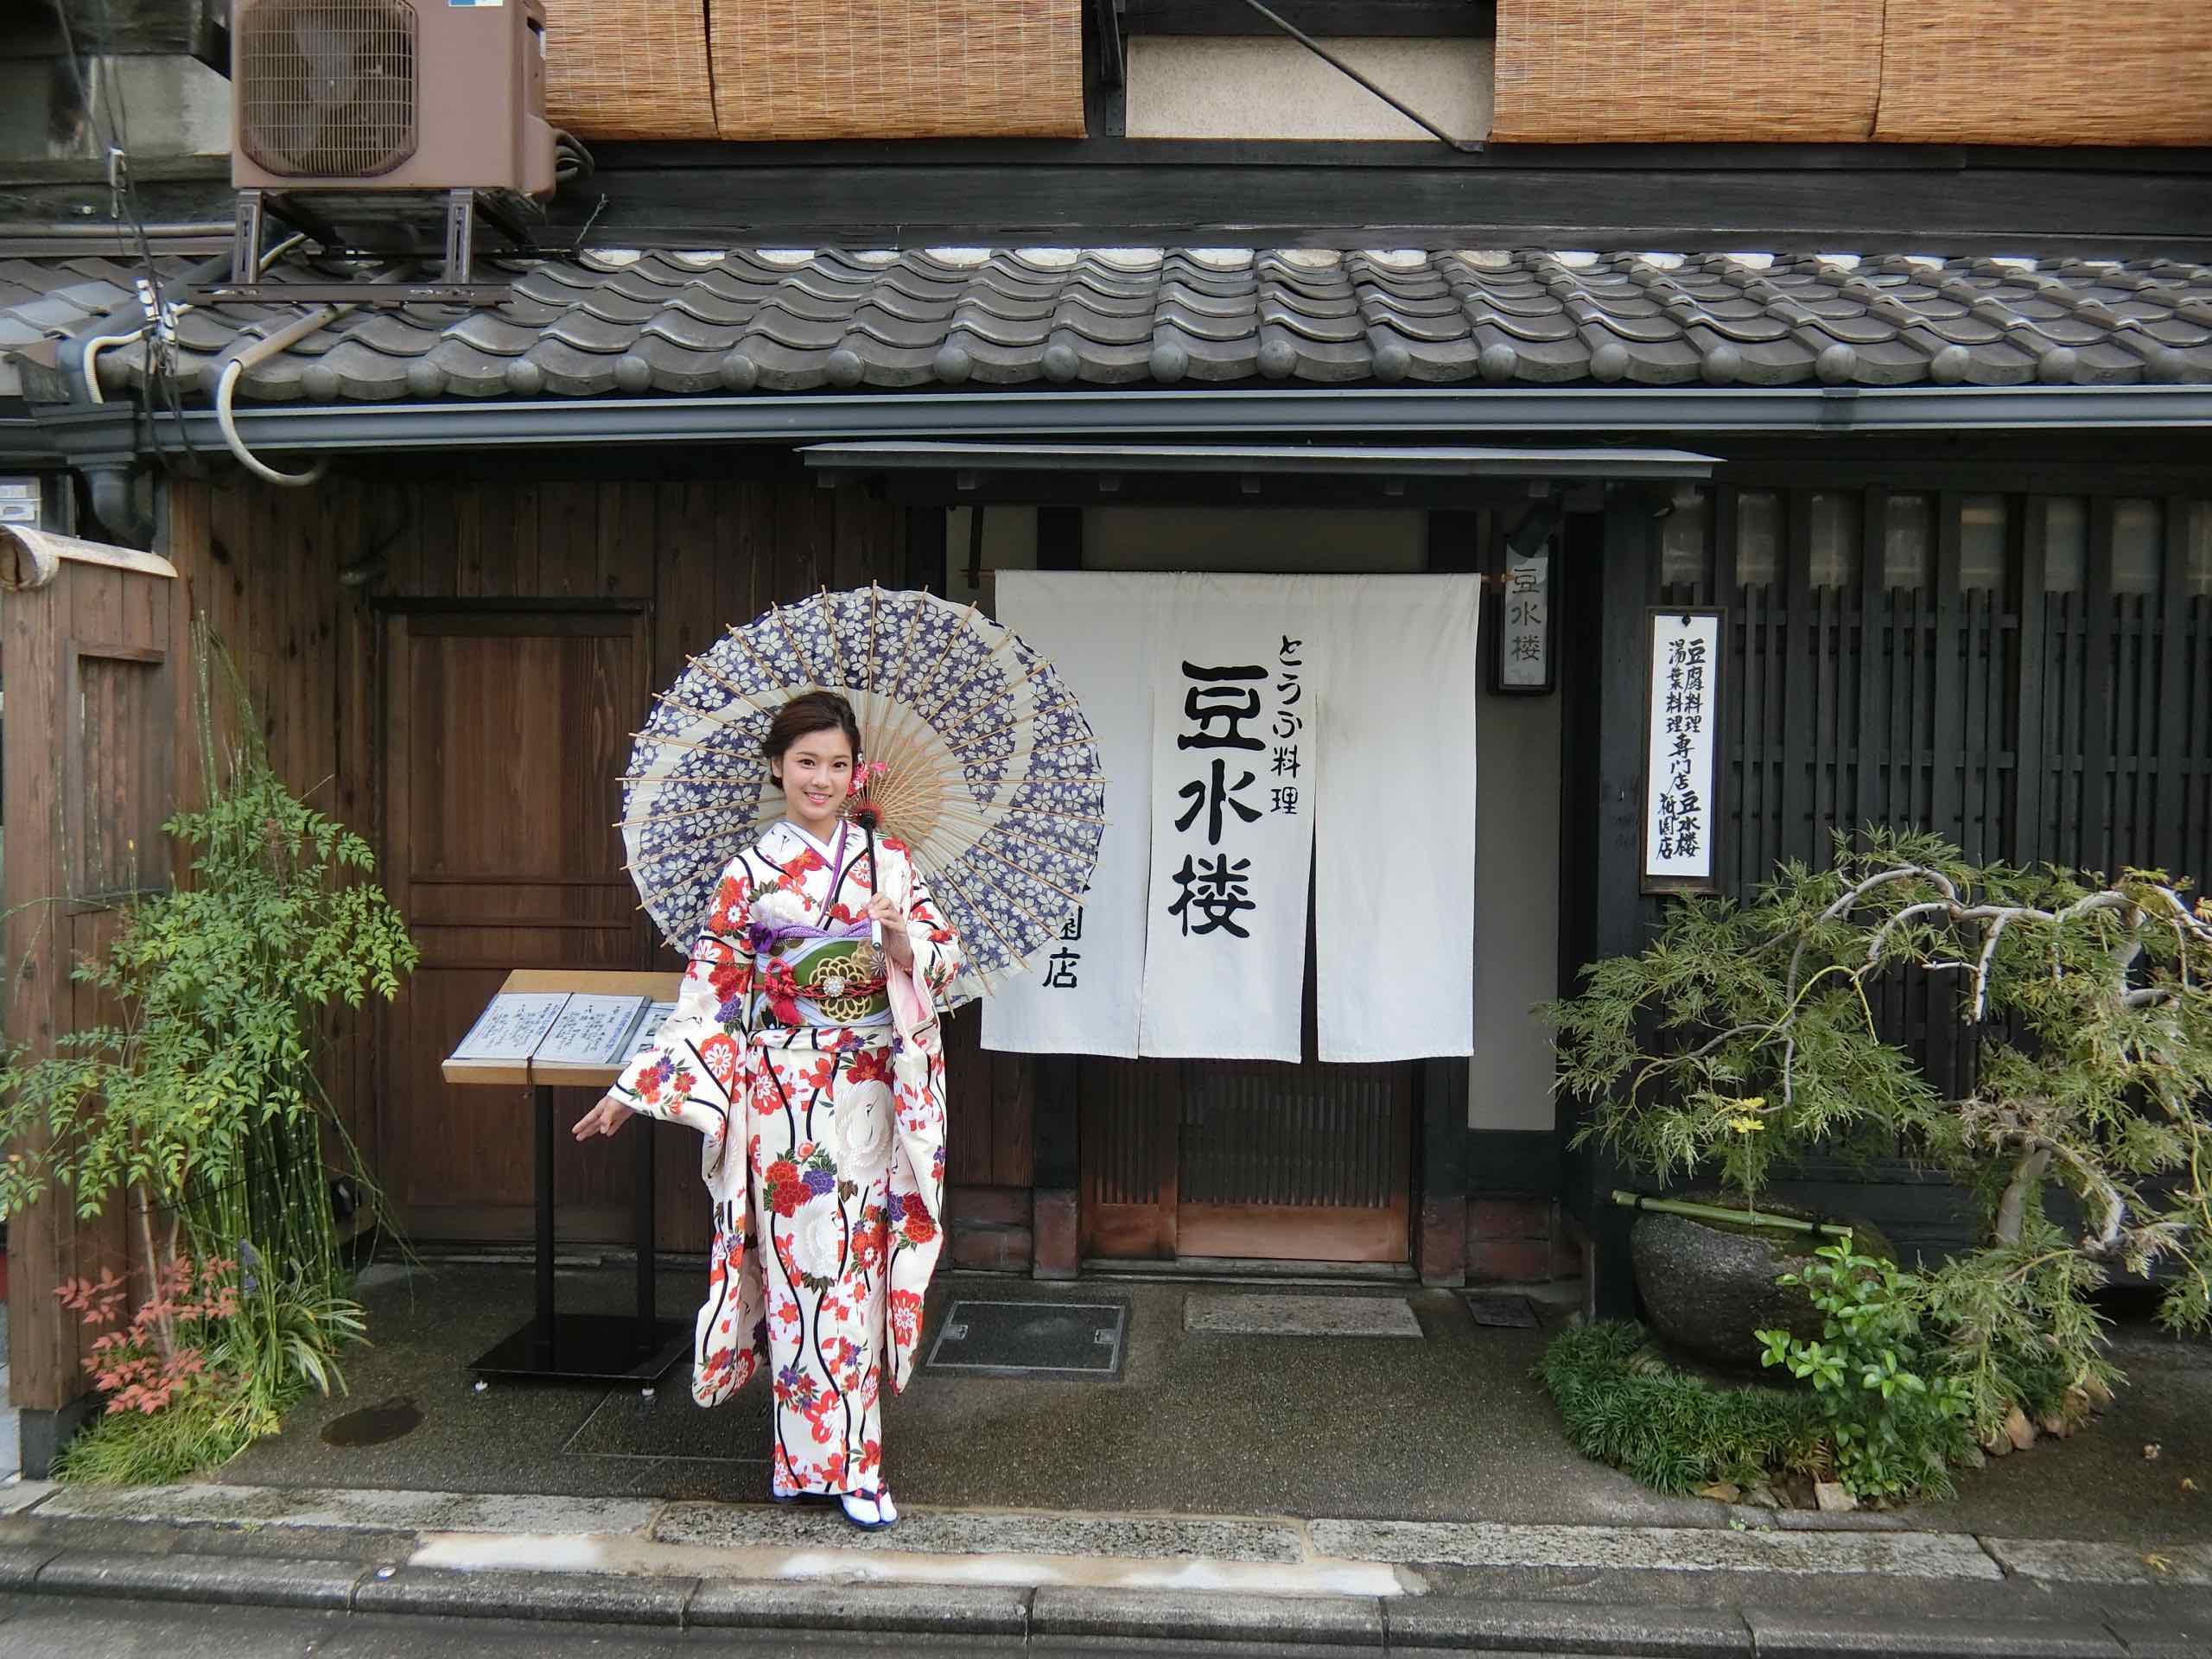 Học cách đi Nhật như Hoàng Yến Chibi, vừa du lịch lại vừa làm đẹp! - Ảnh 1.